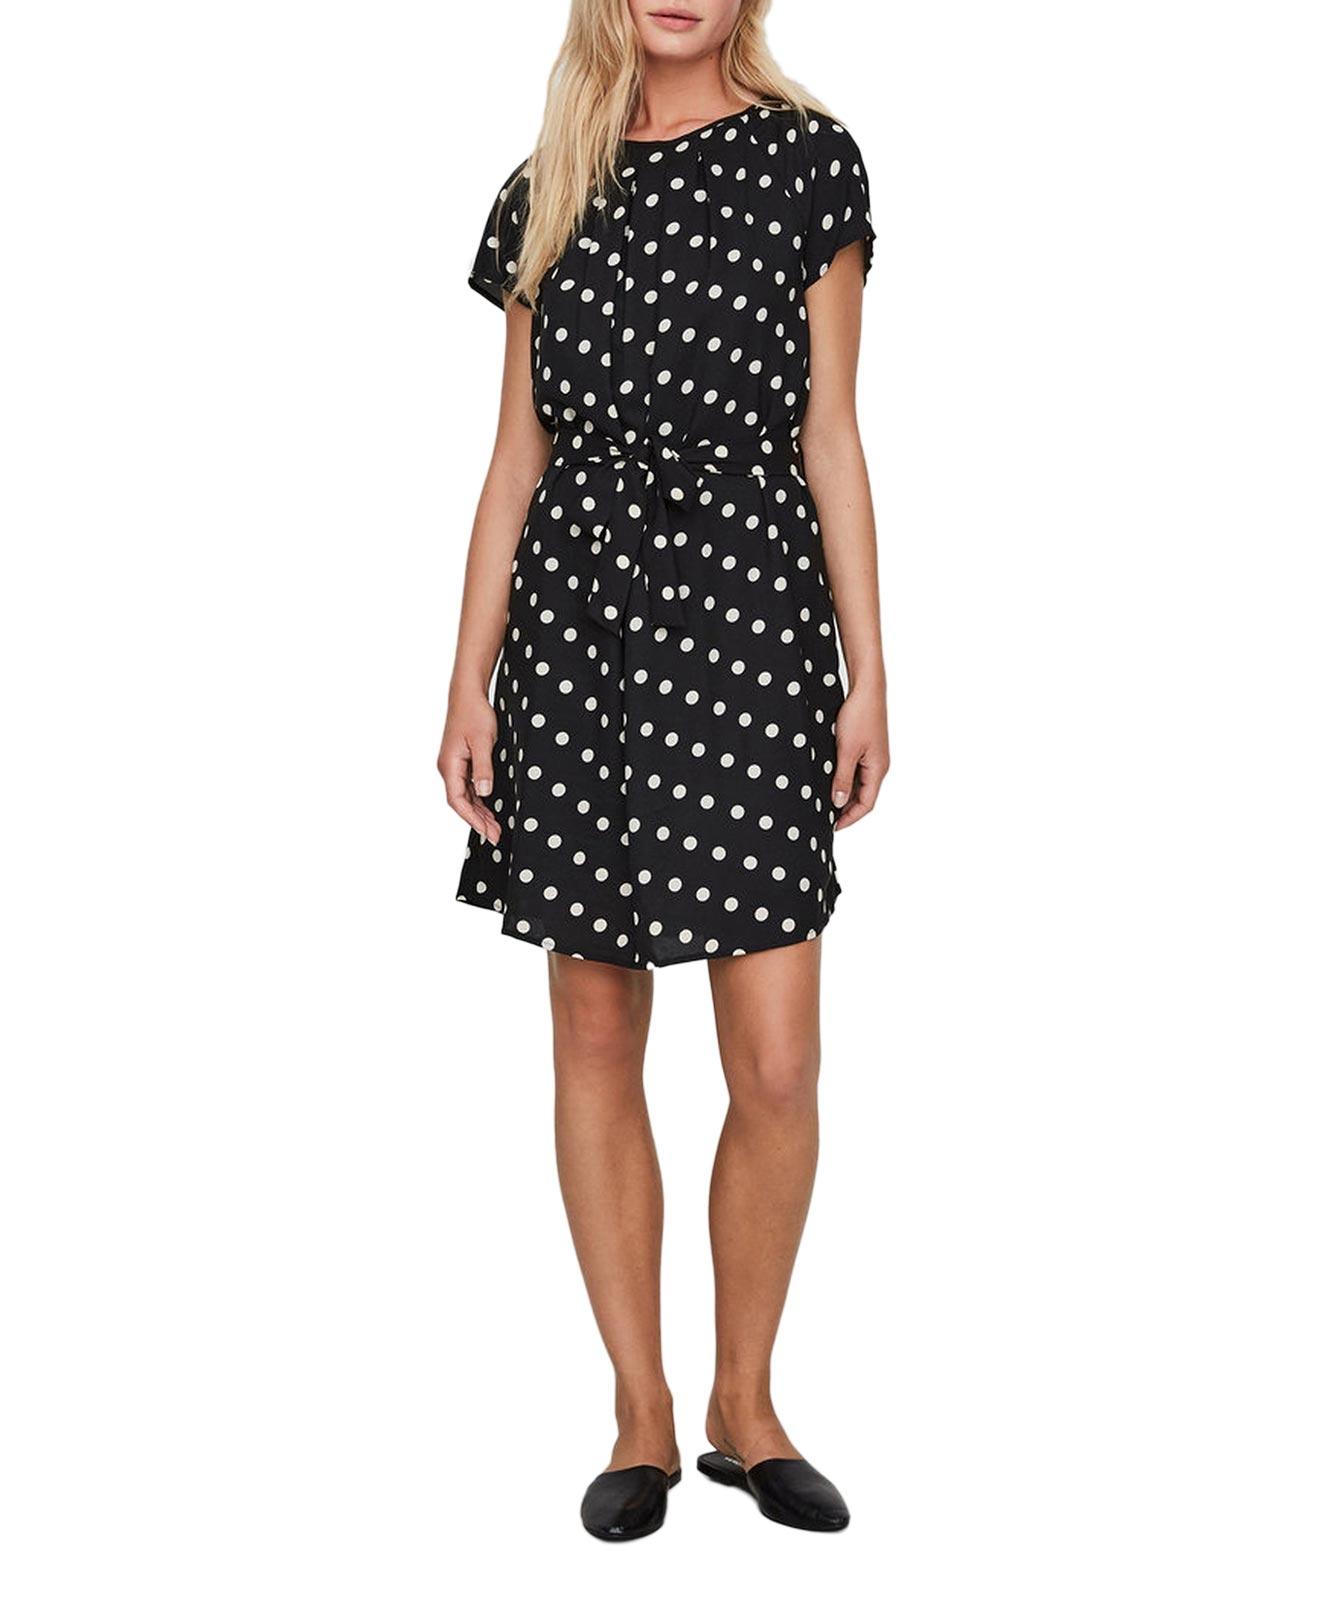 NELLI - Kurzes Kleid - Schwarz Dots